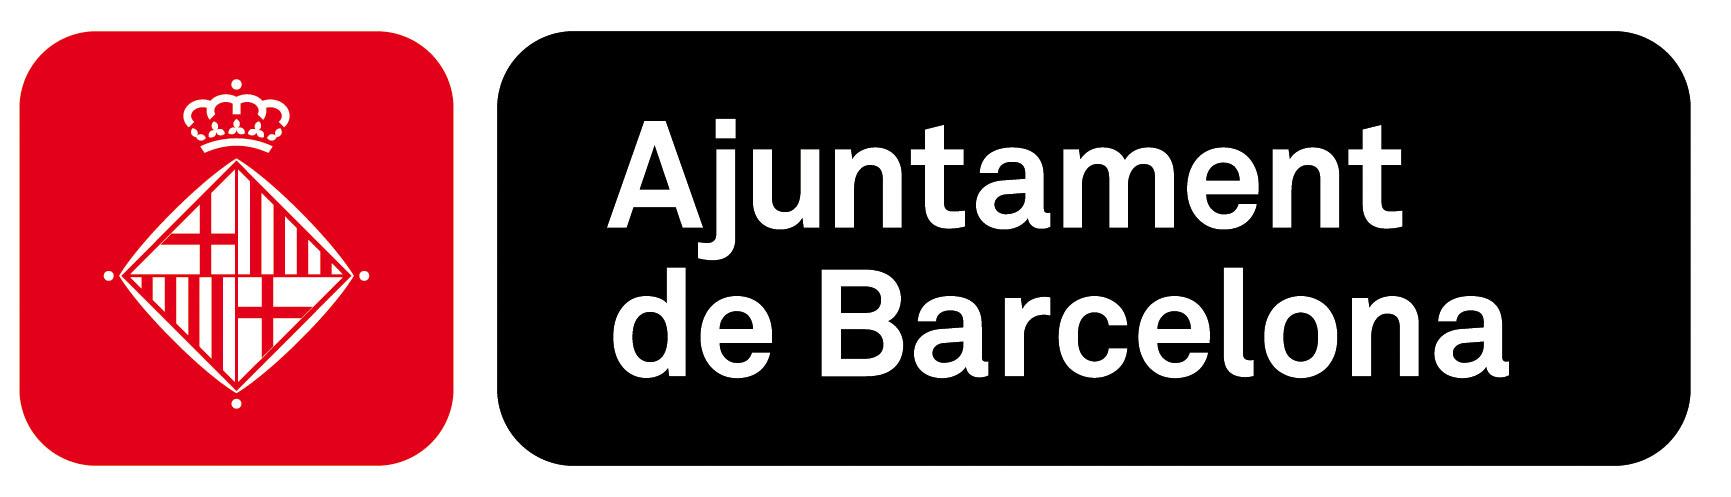 Ajuntament de Barcelona  Copy